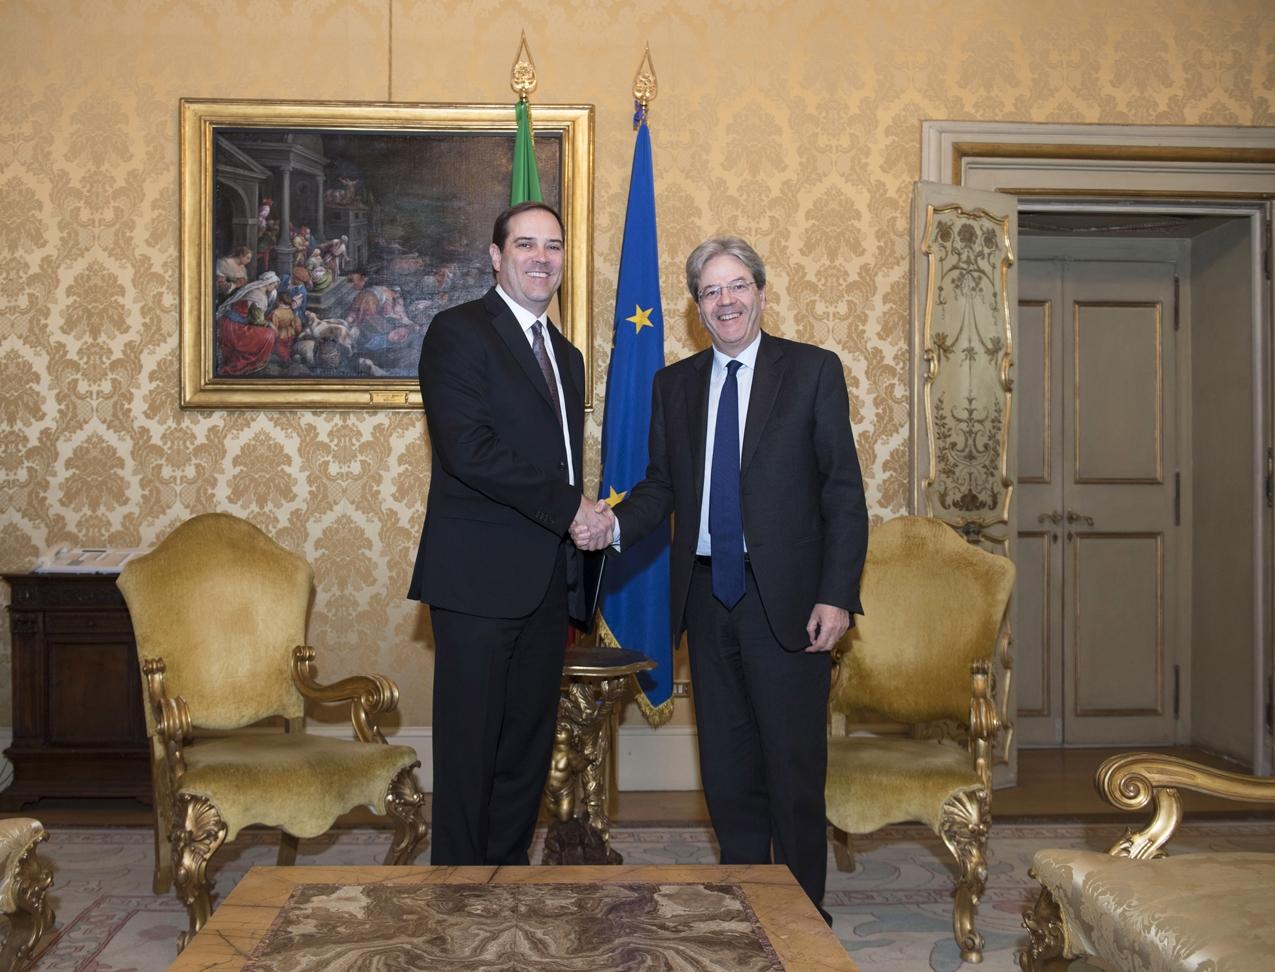 Il Ceo di Cisco, Chuck Robbins, con il premier italiano Paolo Gentiloni a Palazzo Chigi